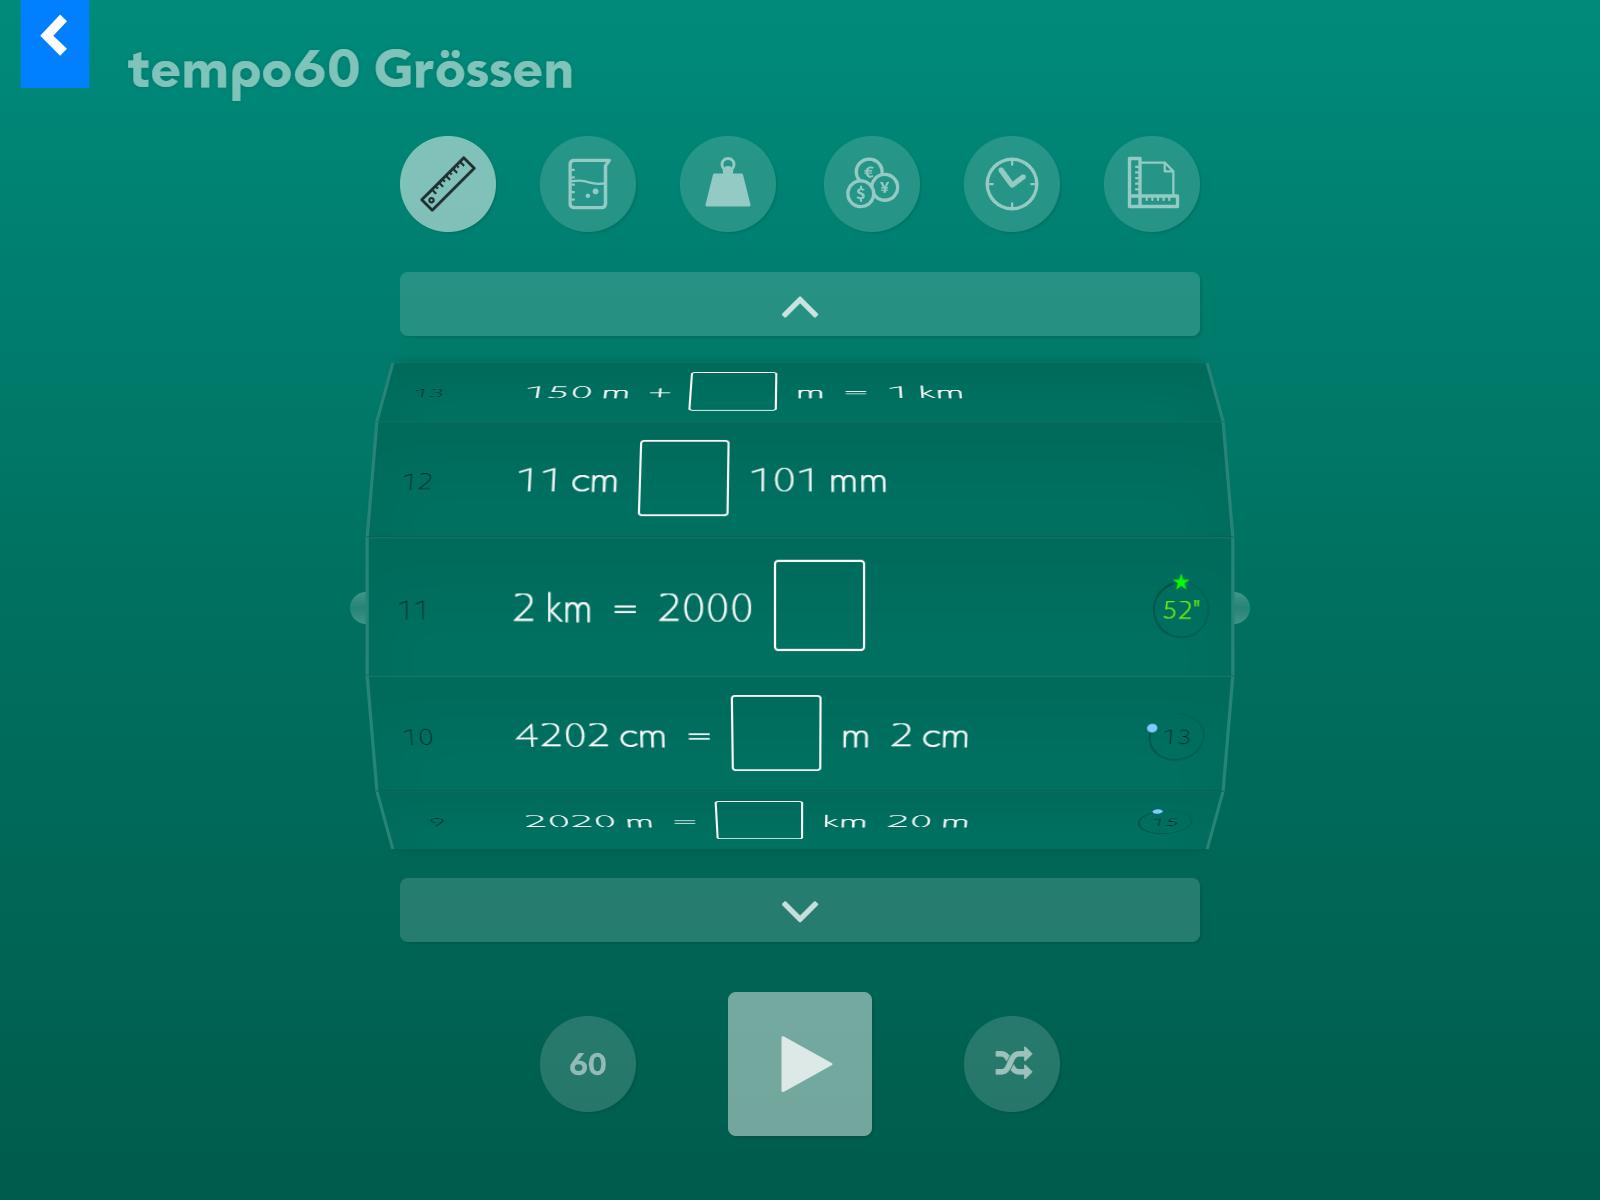 tempo60 Grössen Startbildschirm